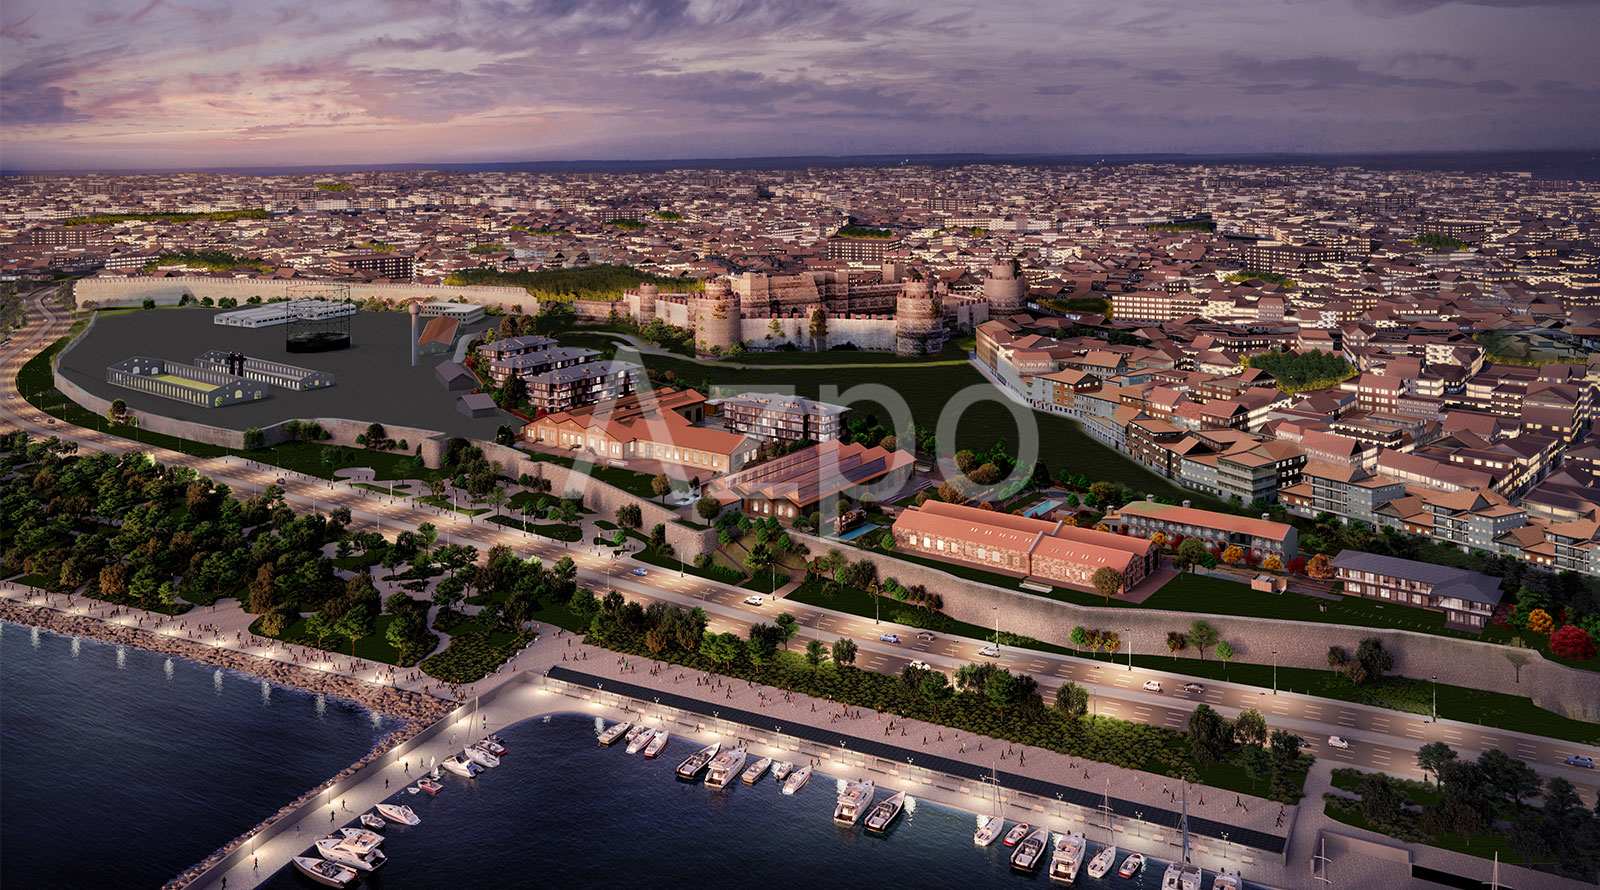 Элитная недвижимость в исторической части Стамбула - Фото 3